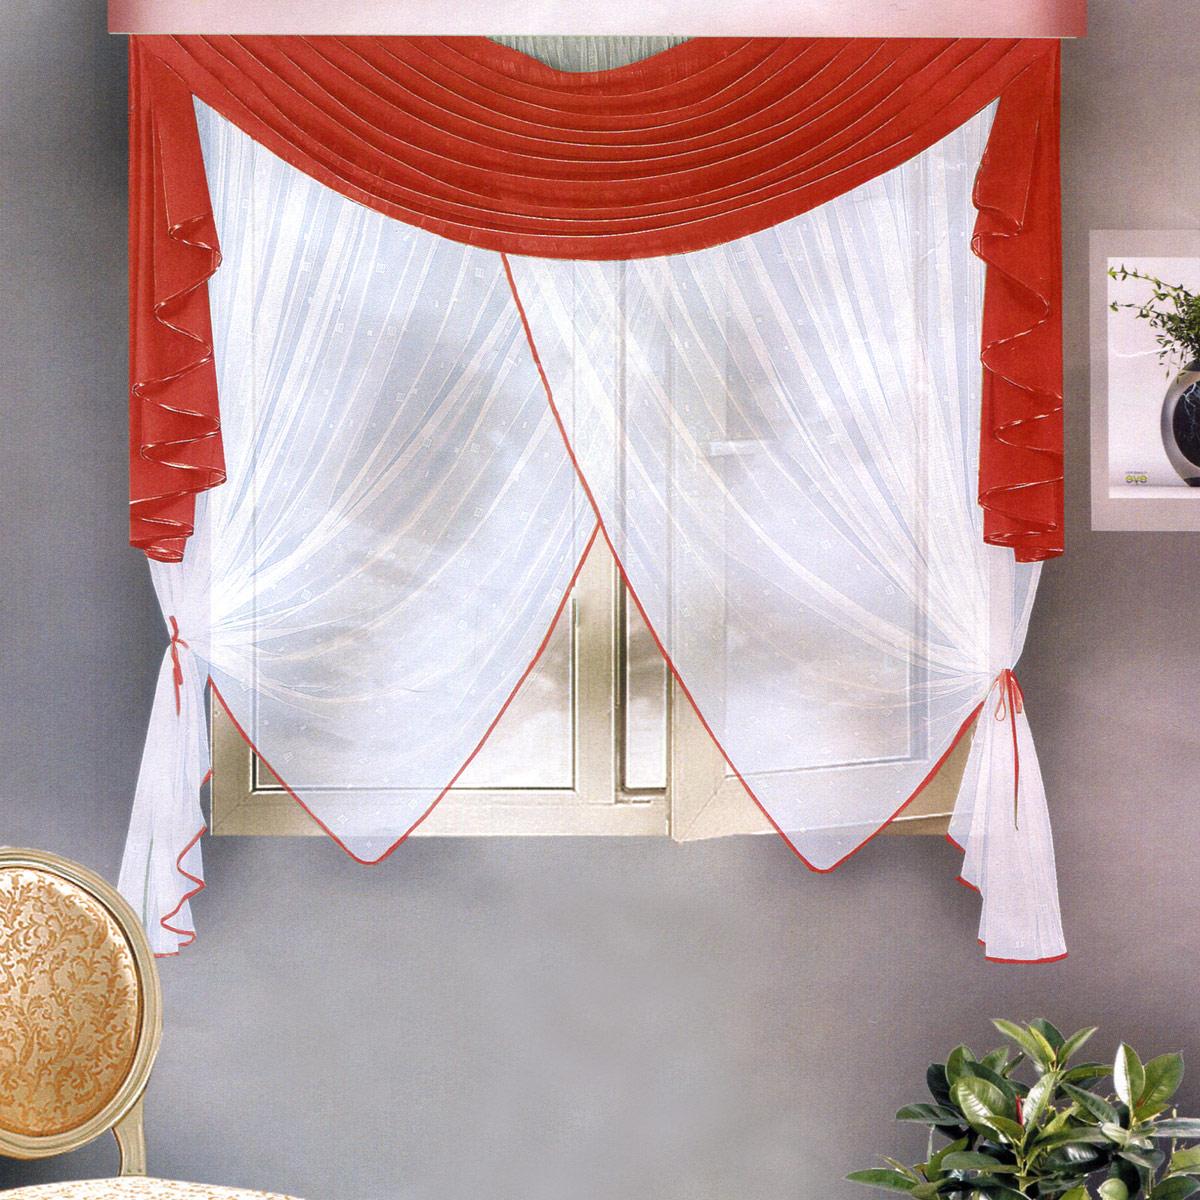 Комплект штор Zlata Korunka, на ленте, цвет: бордовый, высота 170 см. Б108Б108 бРоскошный комплект штор Zlata Korunka, выполненный из полиэстера, великолепно украсит любое окно. Комплект состоит из ламбрекена и тюля. Воздушная ткань и приятная, приглушенная гамма привлекут к себе внимание и органично впишутся в интерьер помещения. Этот комплект будет долгое время радовать вас и вашу семью! Шторы крепятся на карниз при помощи ленты, которая поможет красиво и равномерно задрапировать верх. Тюль можно зафиксировать в одном положении с помощью двух подхватов в виде атласных лент.